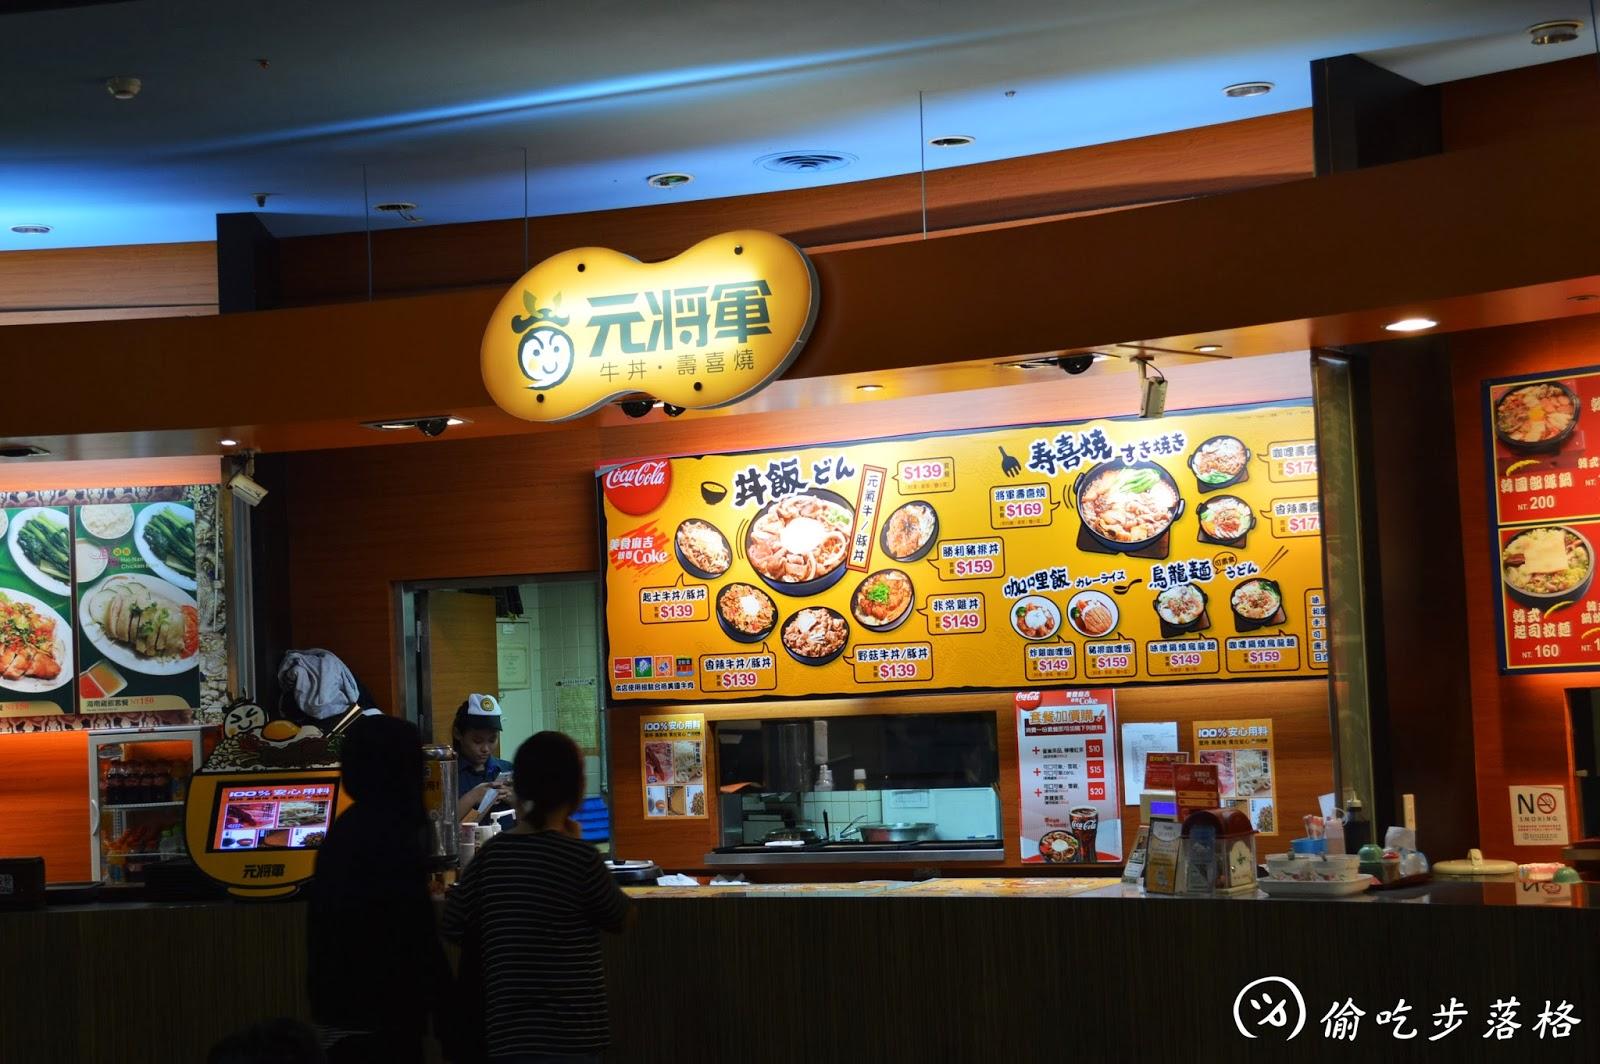 元將軍&滿堂采食尚料理